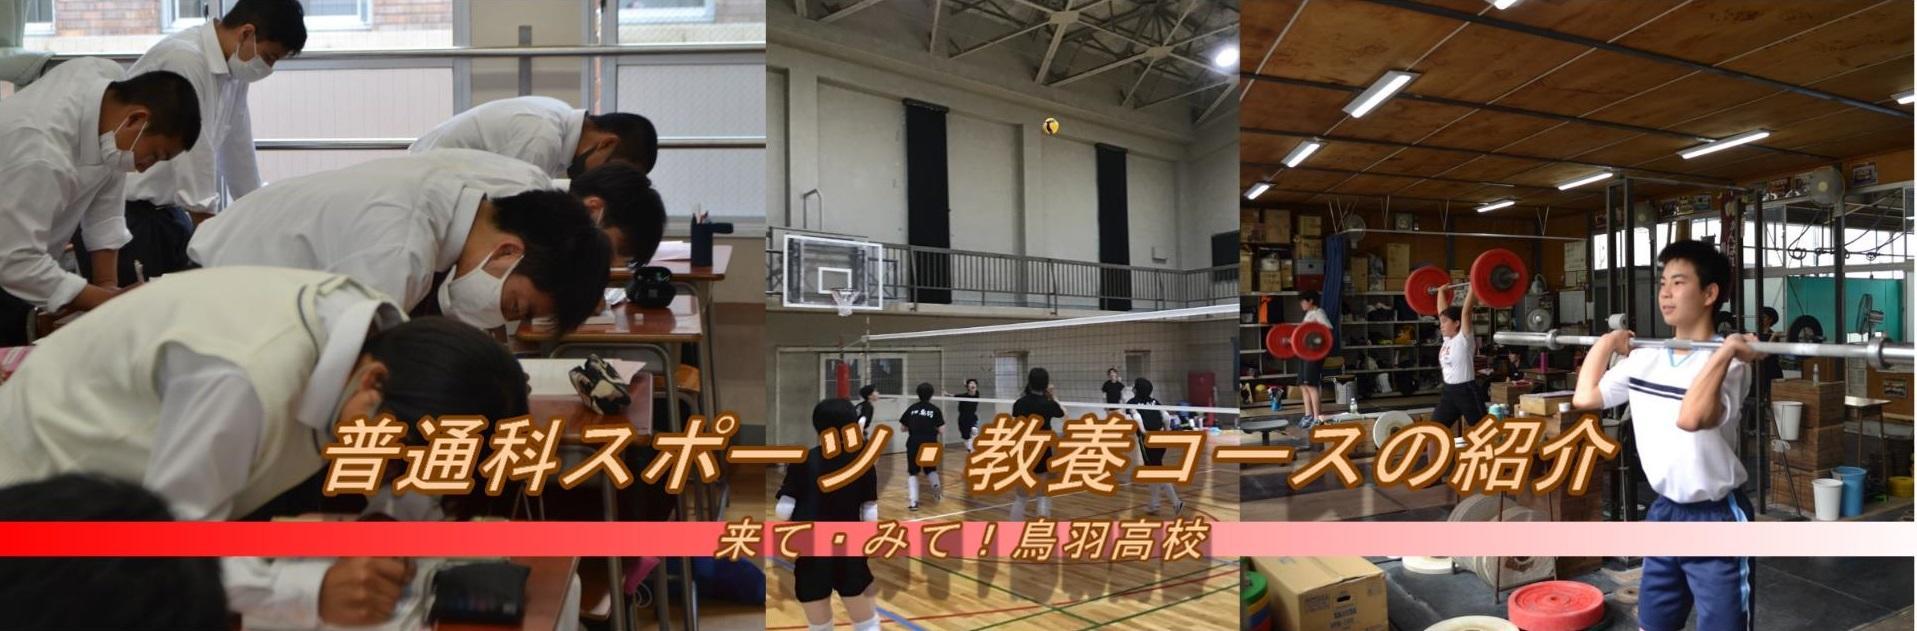 210615_3_スポーツ教養パノラマ②.jpg